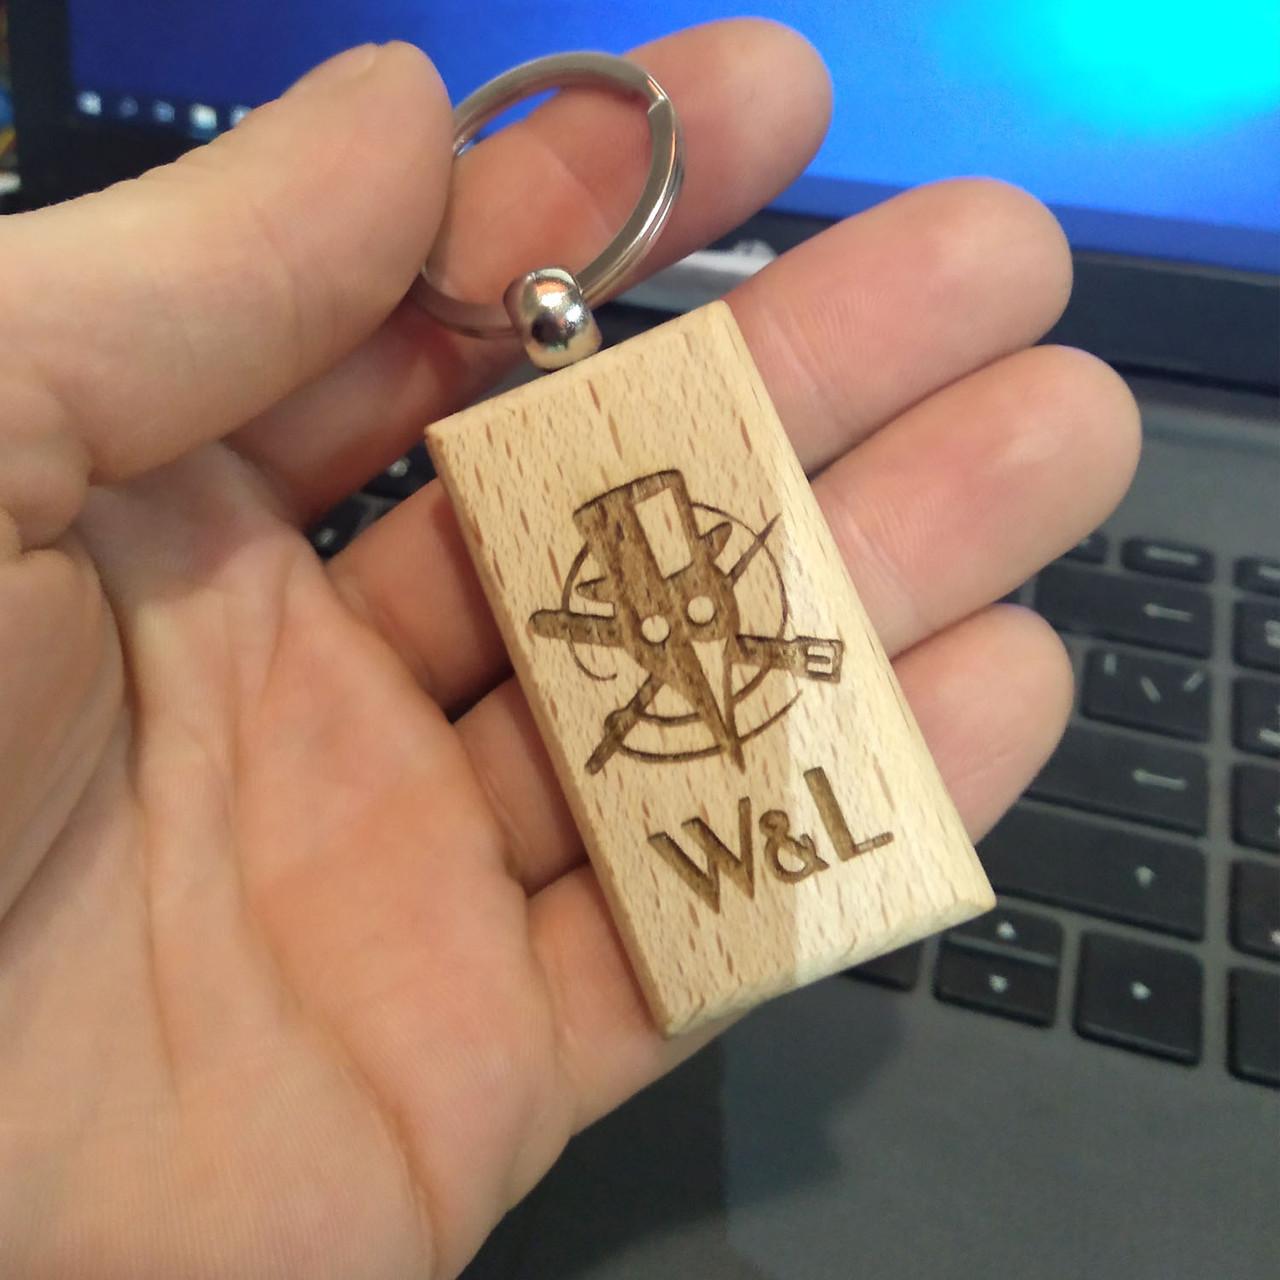 Деревянный брелок. Брелок на ключи.  Брелок из дерева. Оригинальный брелок.